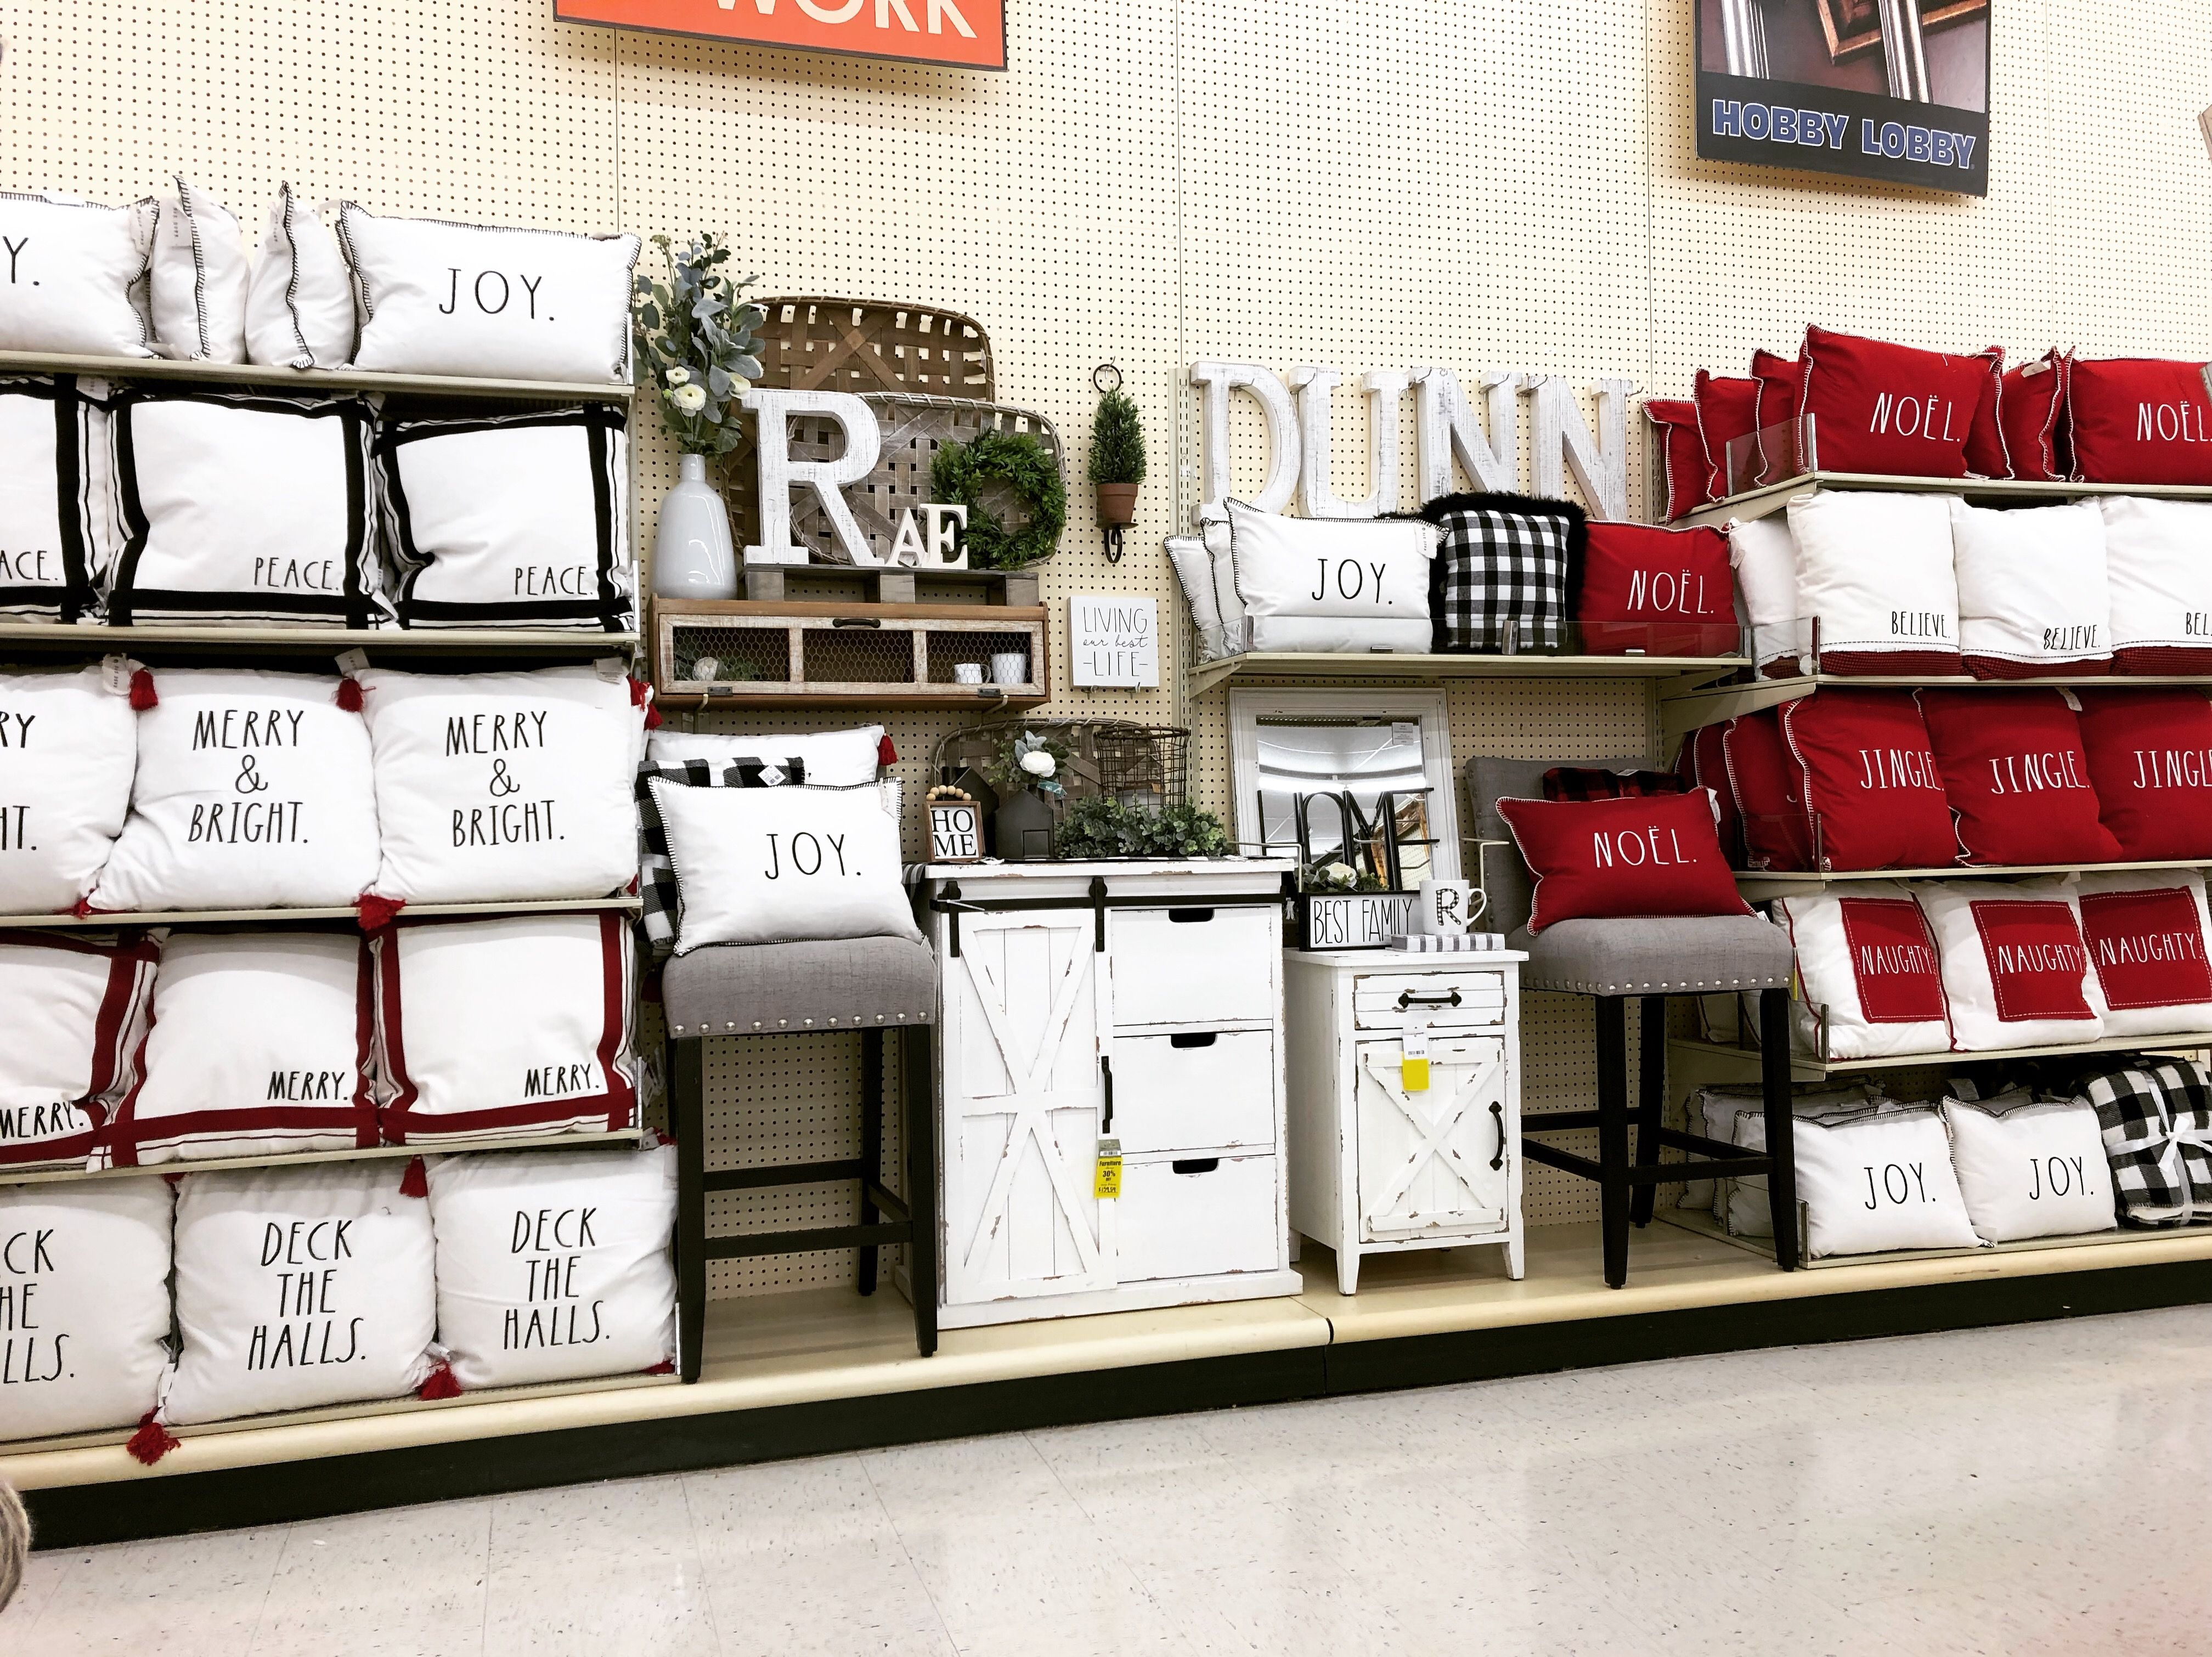 Rae Dunn Pillows At Hobby Lobby Hobby Lobby Decor Hobby Lobby Displays Hobby Lobby Inspiration